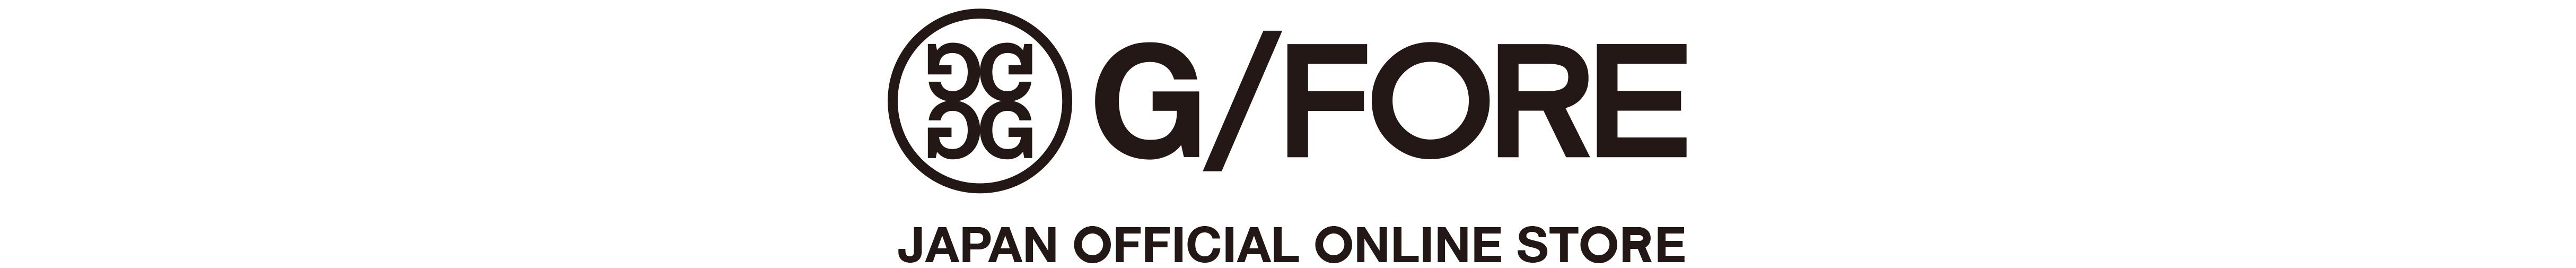 G/FORE JAPAN公式オンラインストア